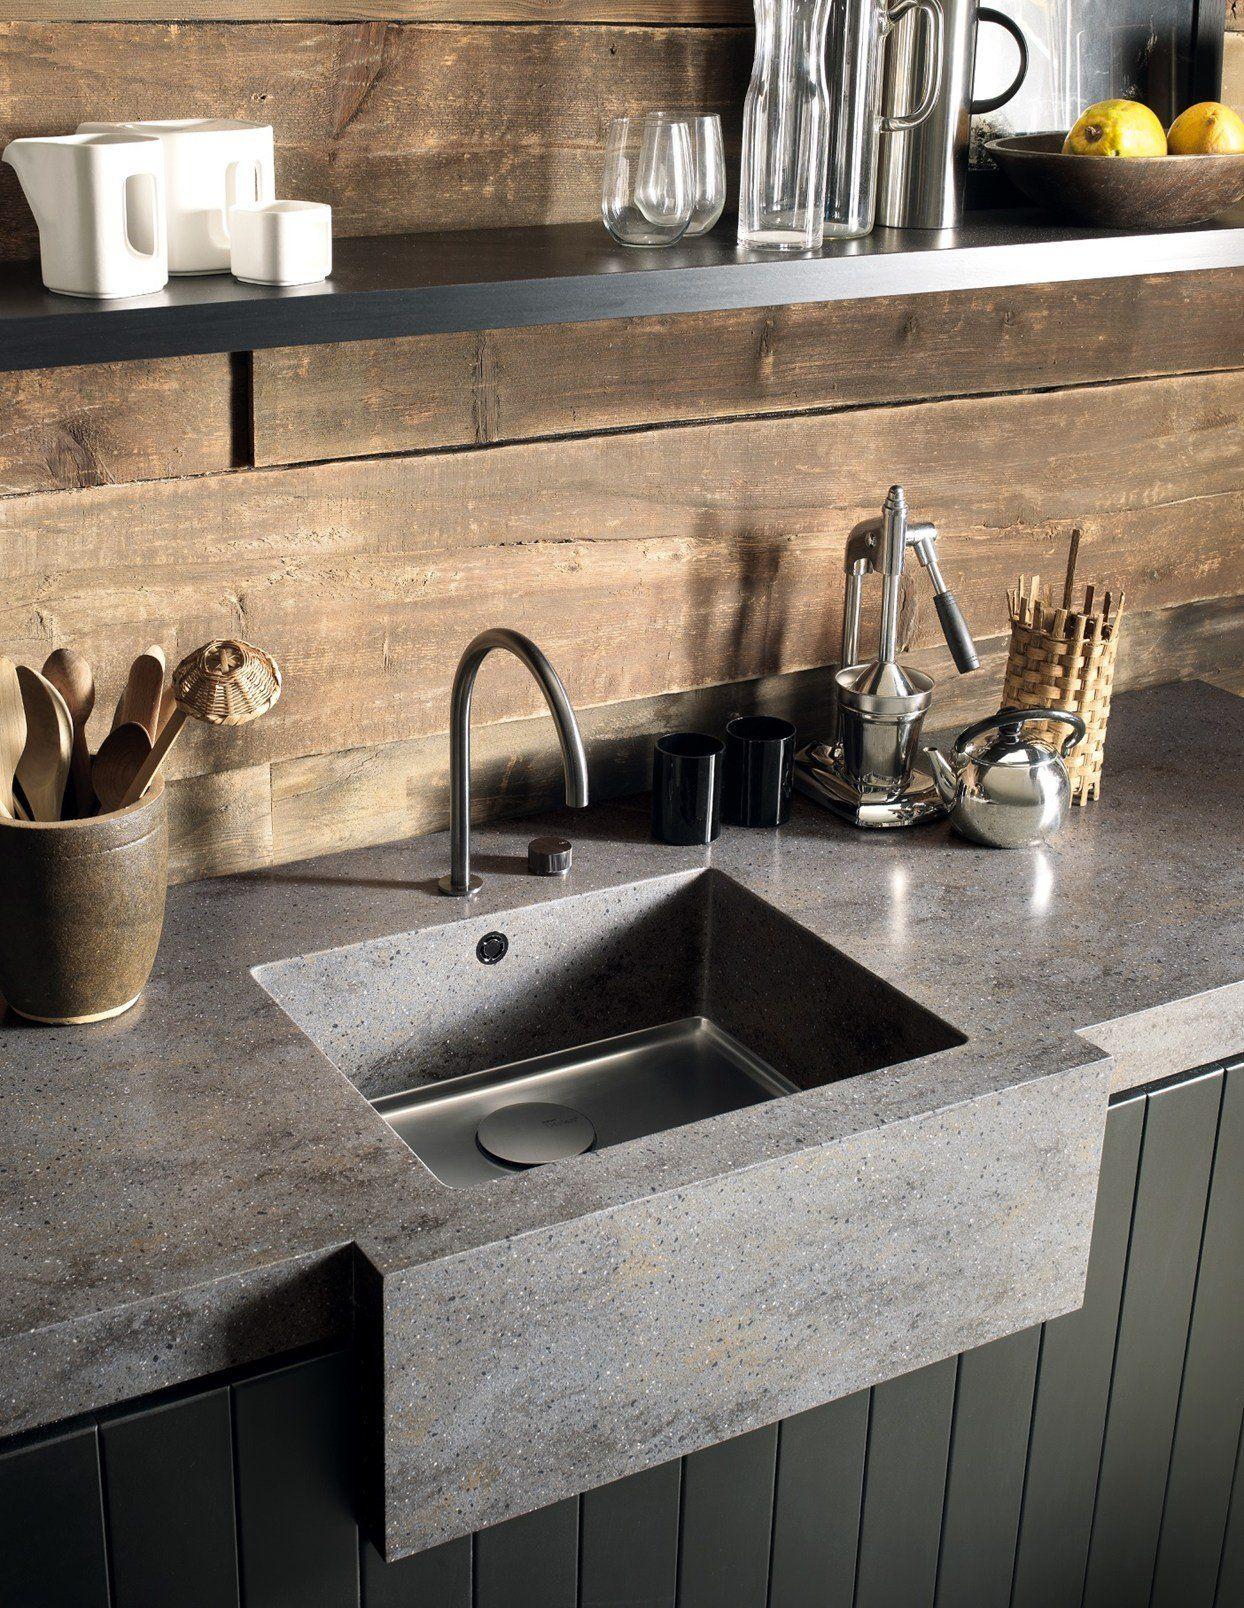 Lavandino cucina vintage : lavandino cucina vintage. lavelli ...